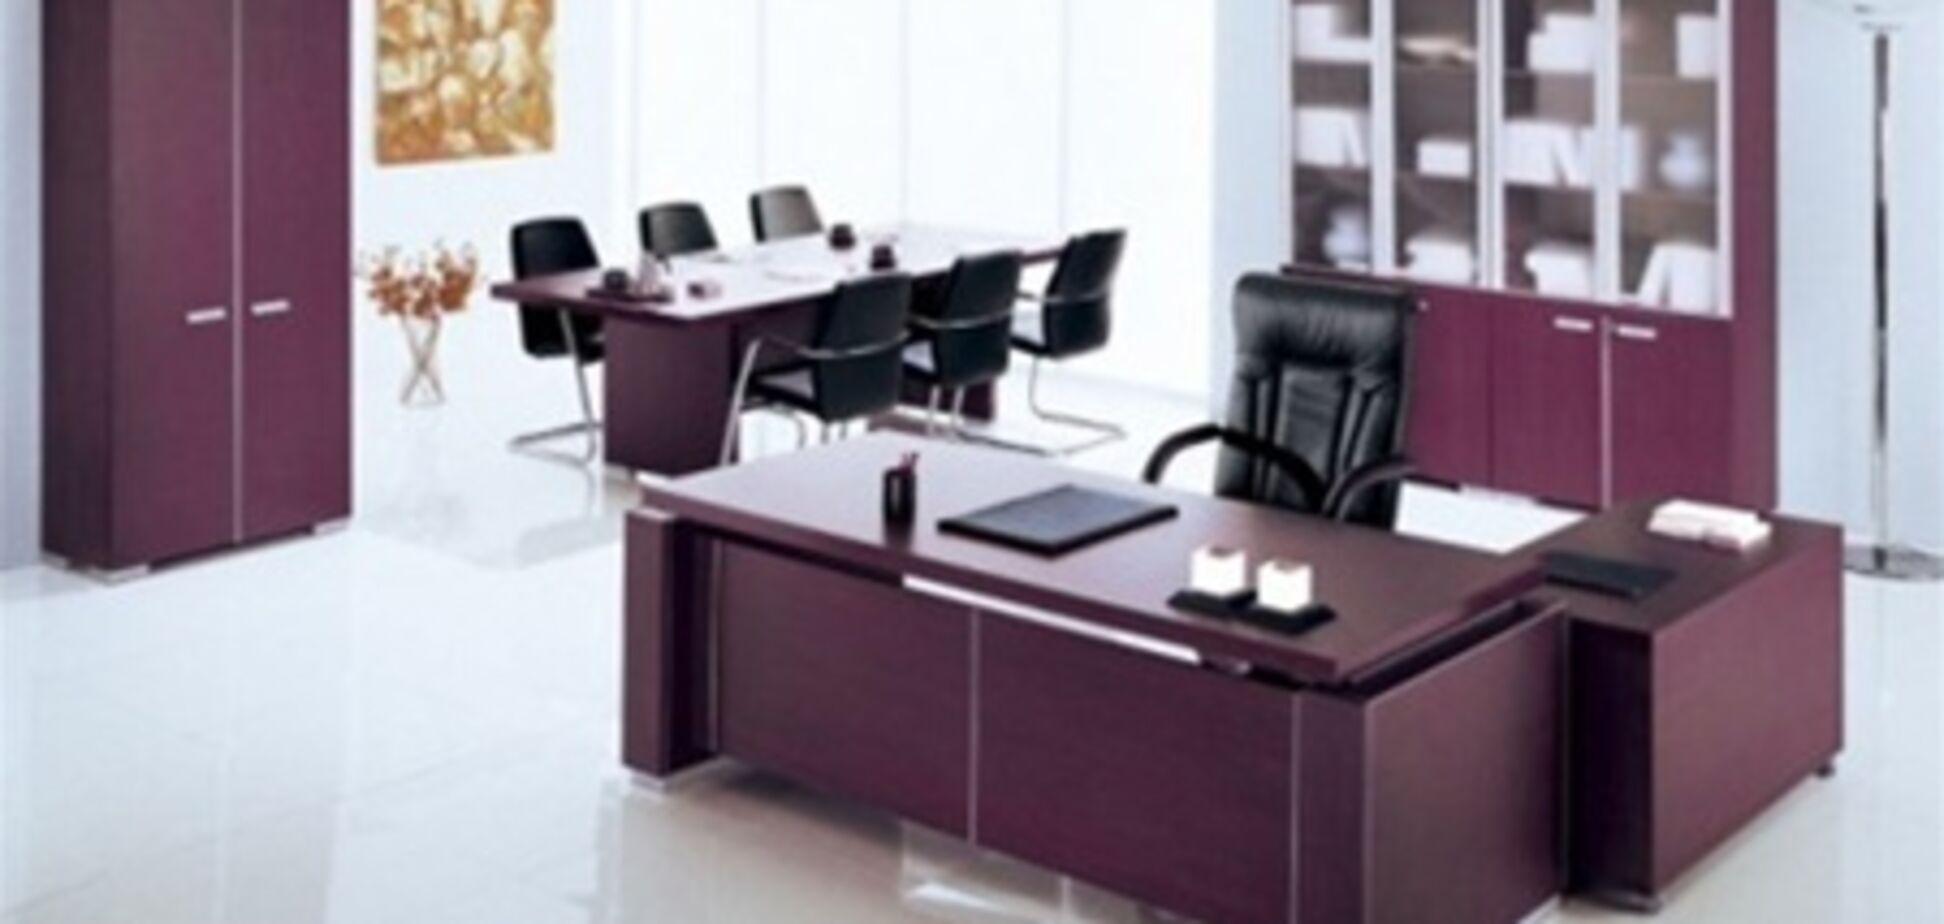 В Киеве простаивает 80% офисных площадей